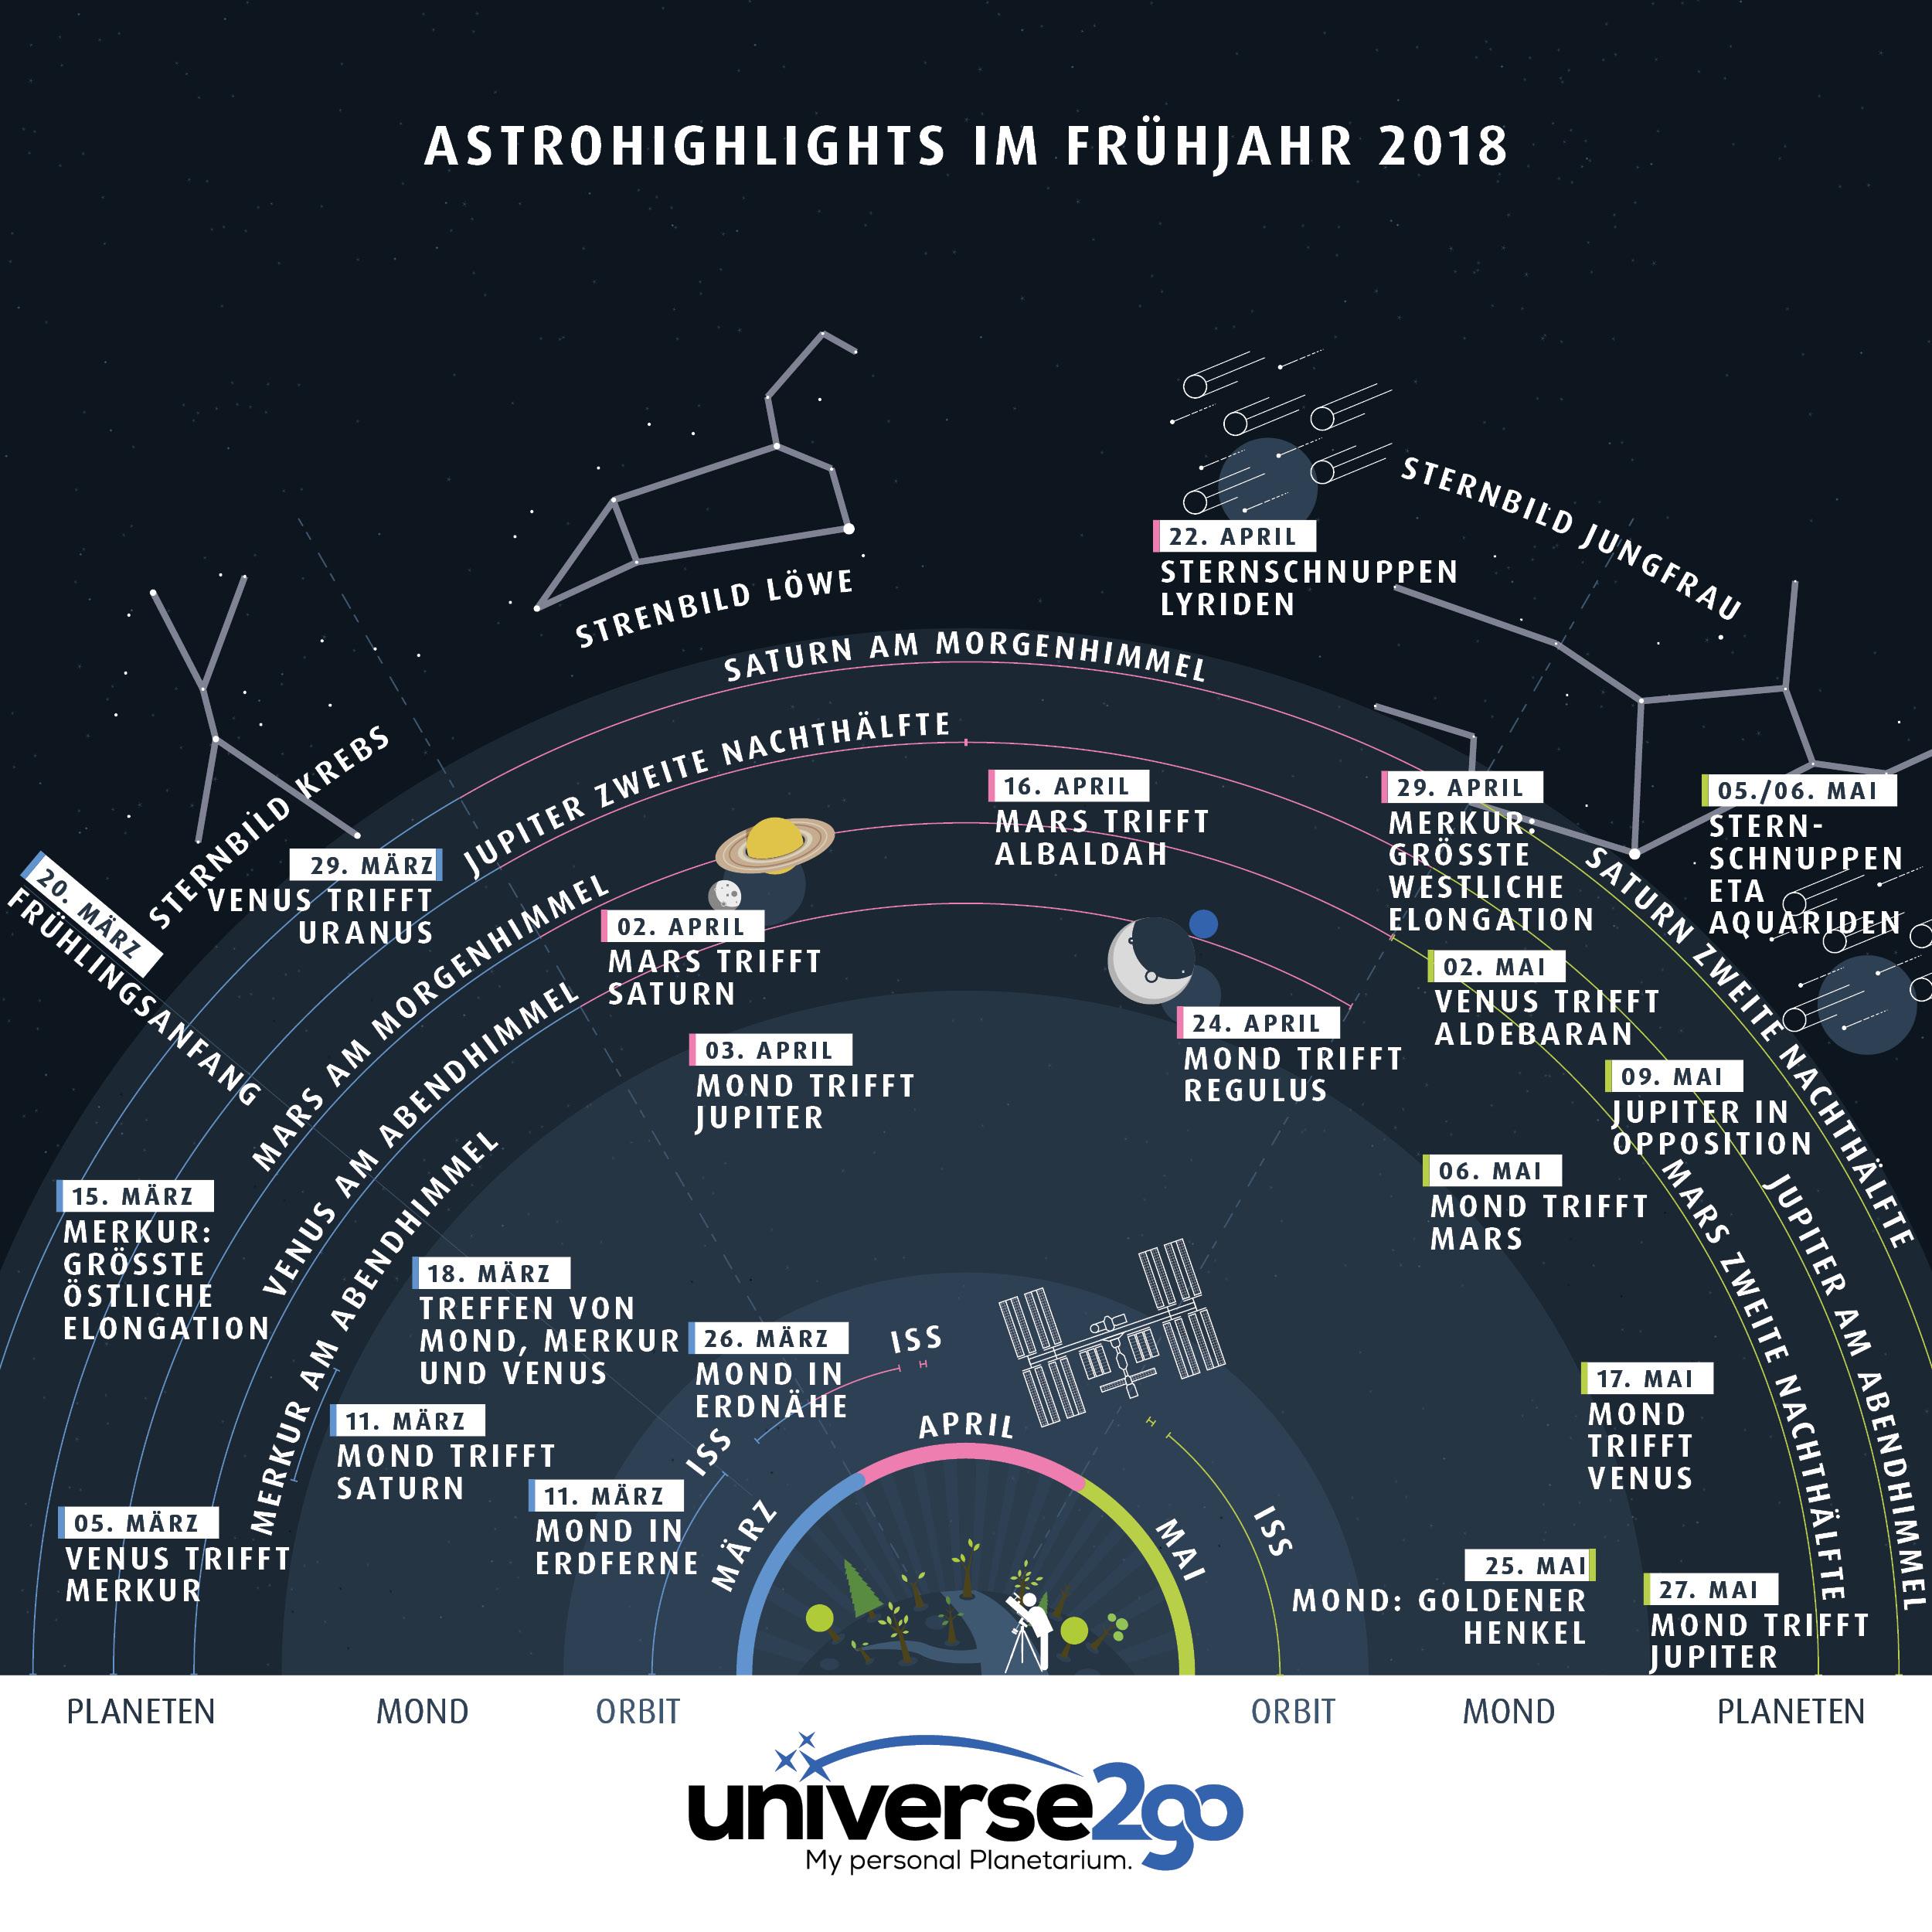 Infografik–astrohighlights-im-fruehjahr-2018-alles-was-man-märz-bis-mai-sehen-kann